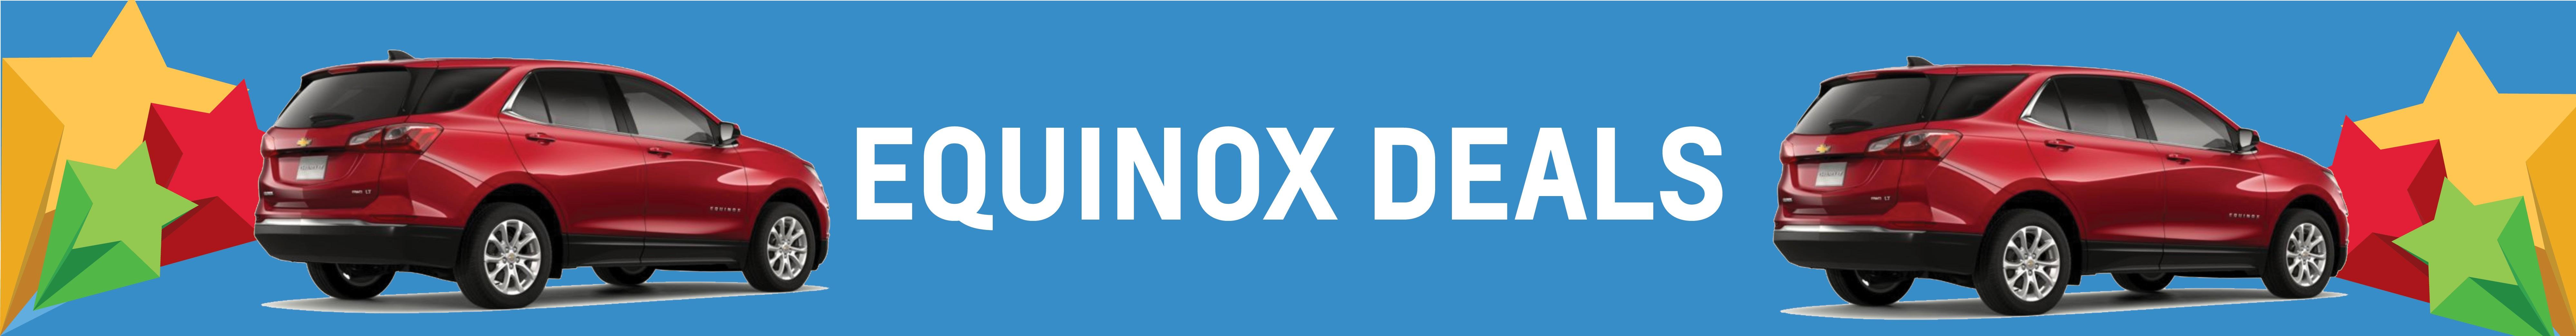 Equinox Deals